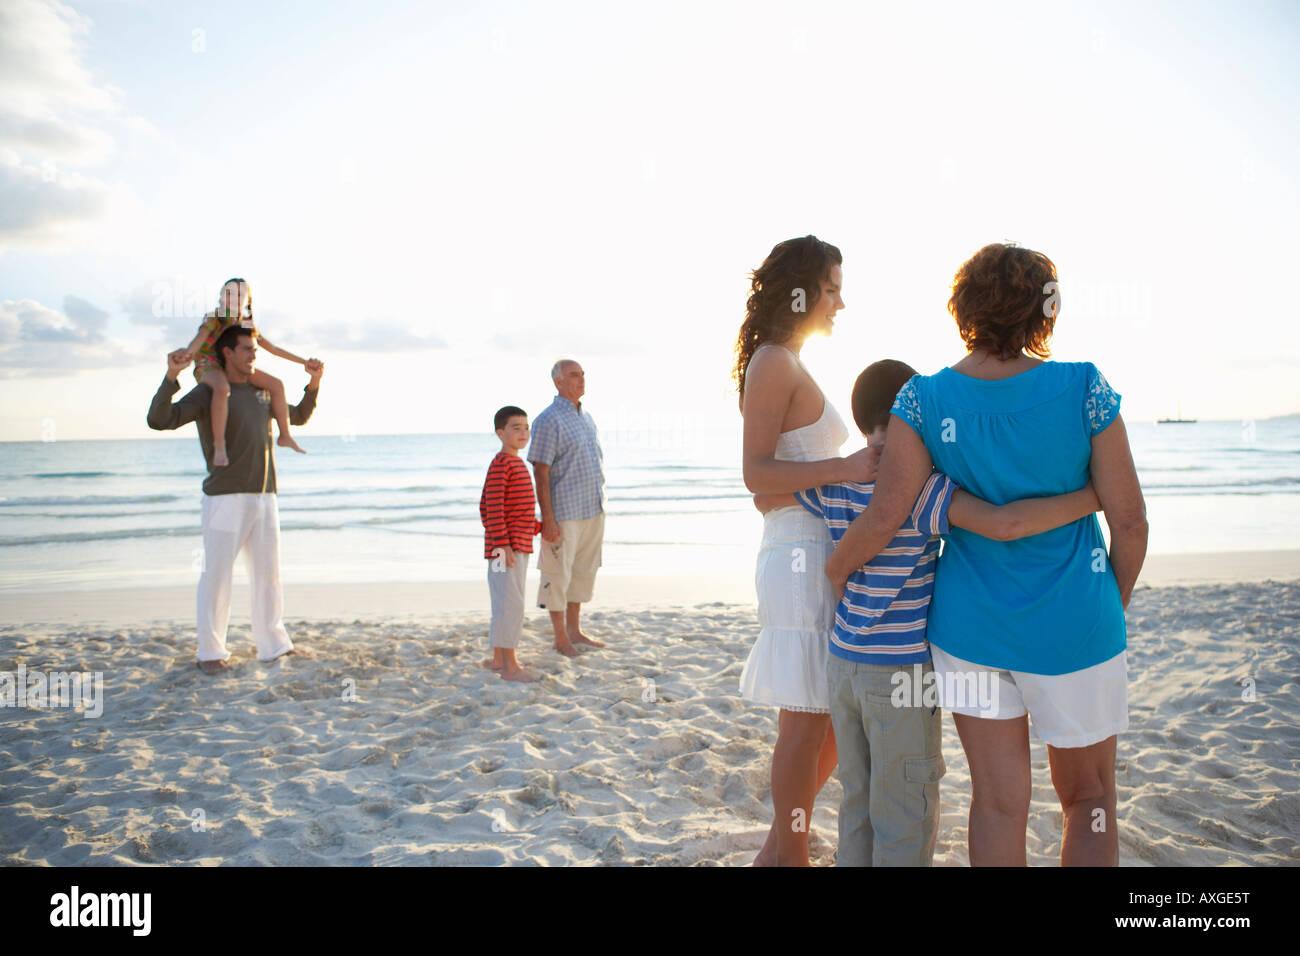 Famille sur la plage Banque D'Images